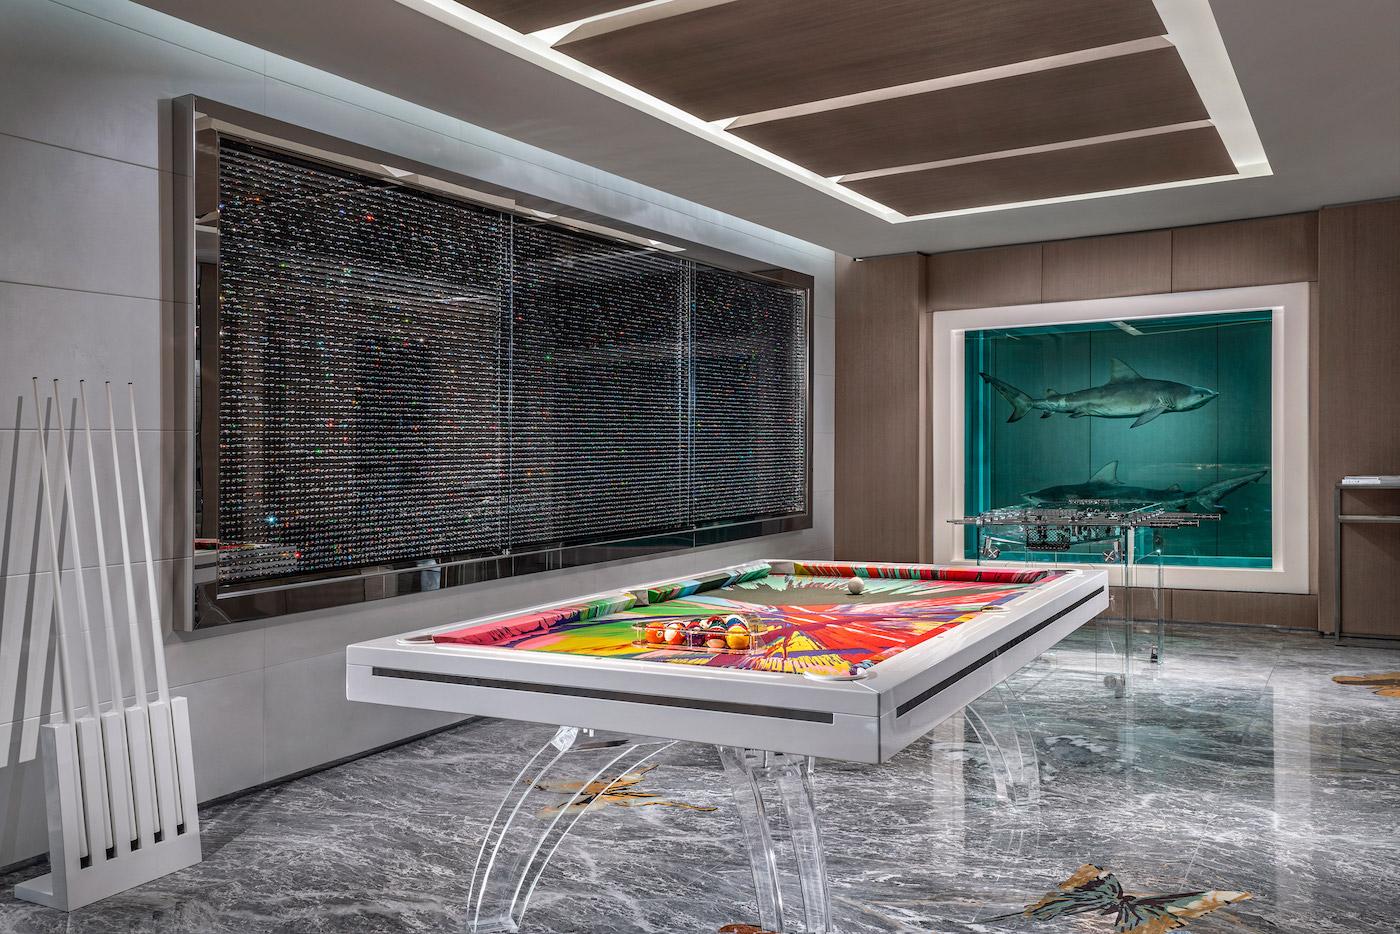 80.000 Dollar pro Nacht: Ein Blick in das teuerste Hotelzimmer der Welt 4